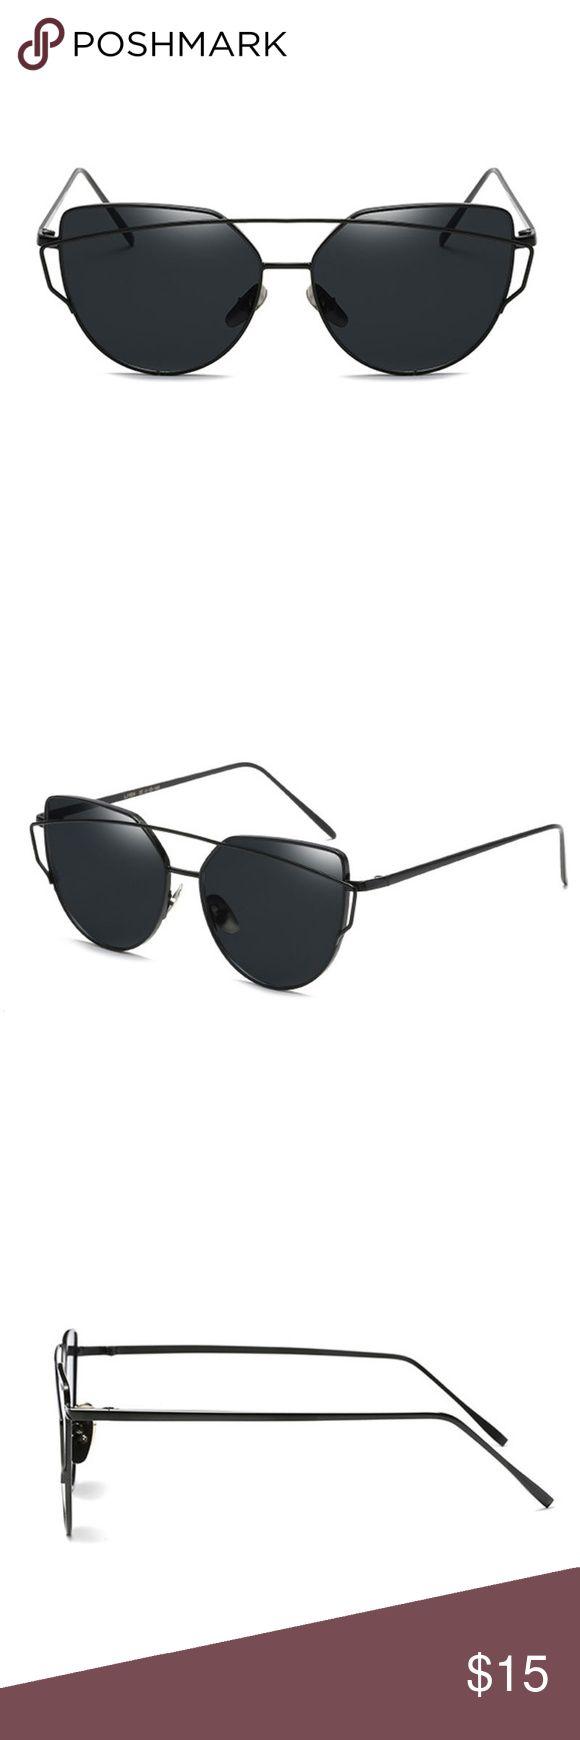 Óculos de sol moda estilo vintage design – óculos de sol das mulheres – duráveis e …   – My Posh Picks